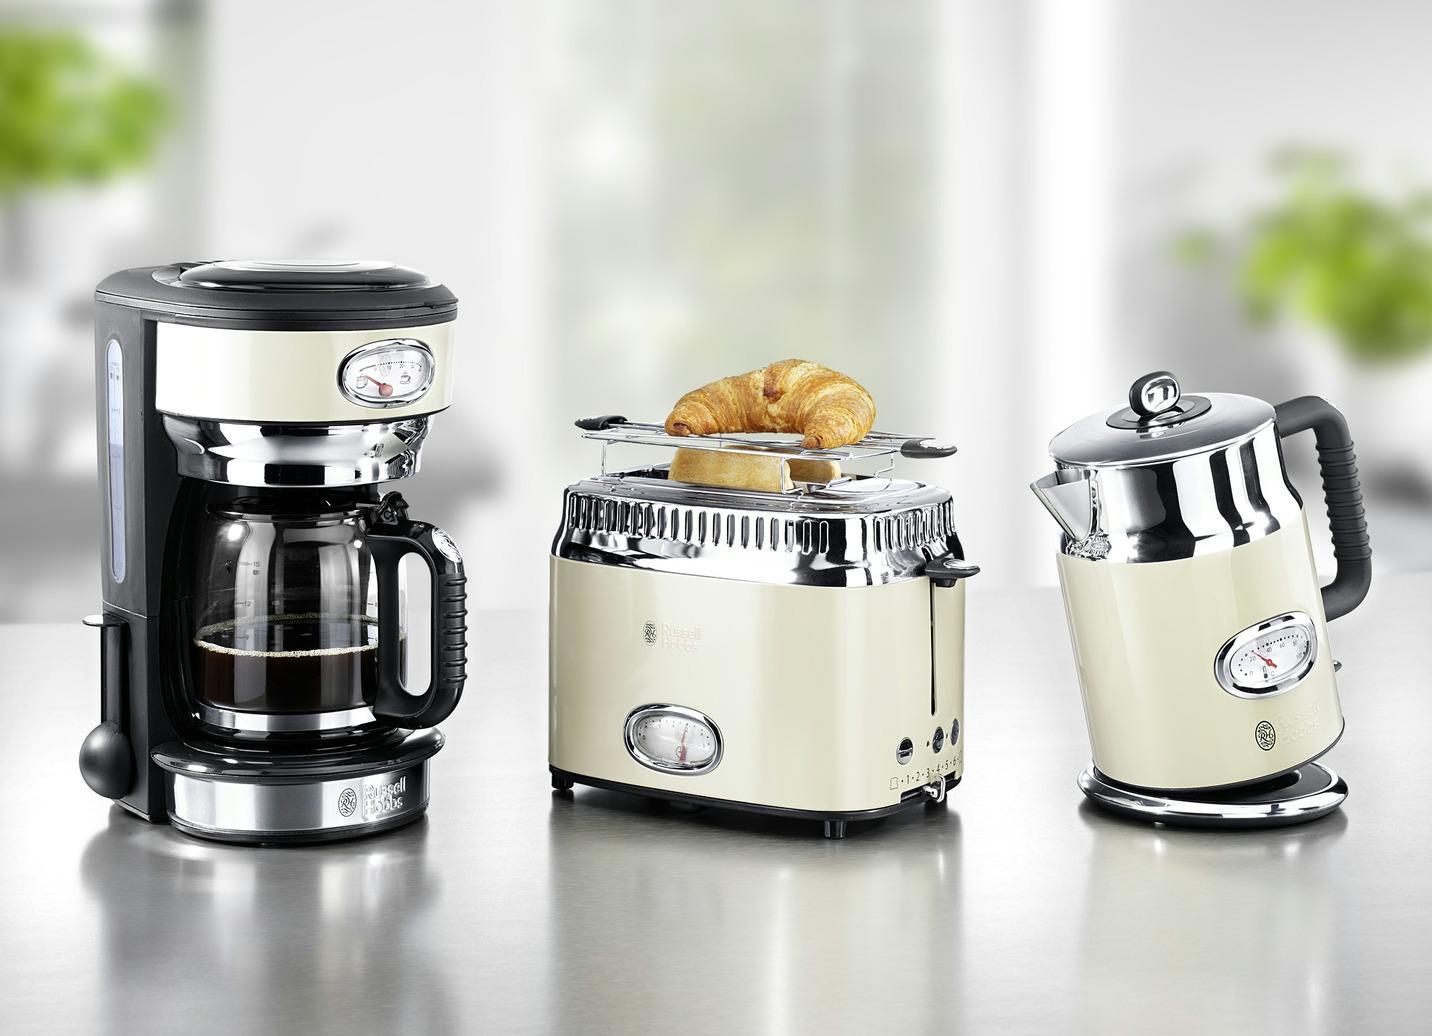 Tolle Vintage Küchengeräte Ideen - Ideen Für Die Küche Dekoration ...